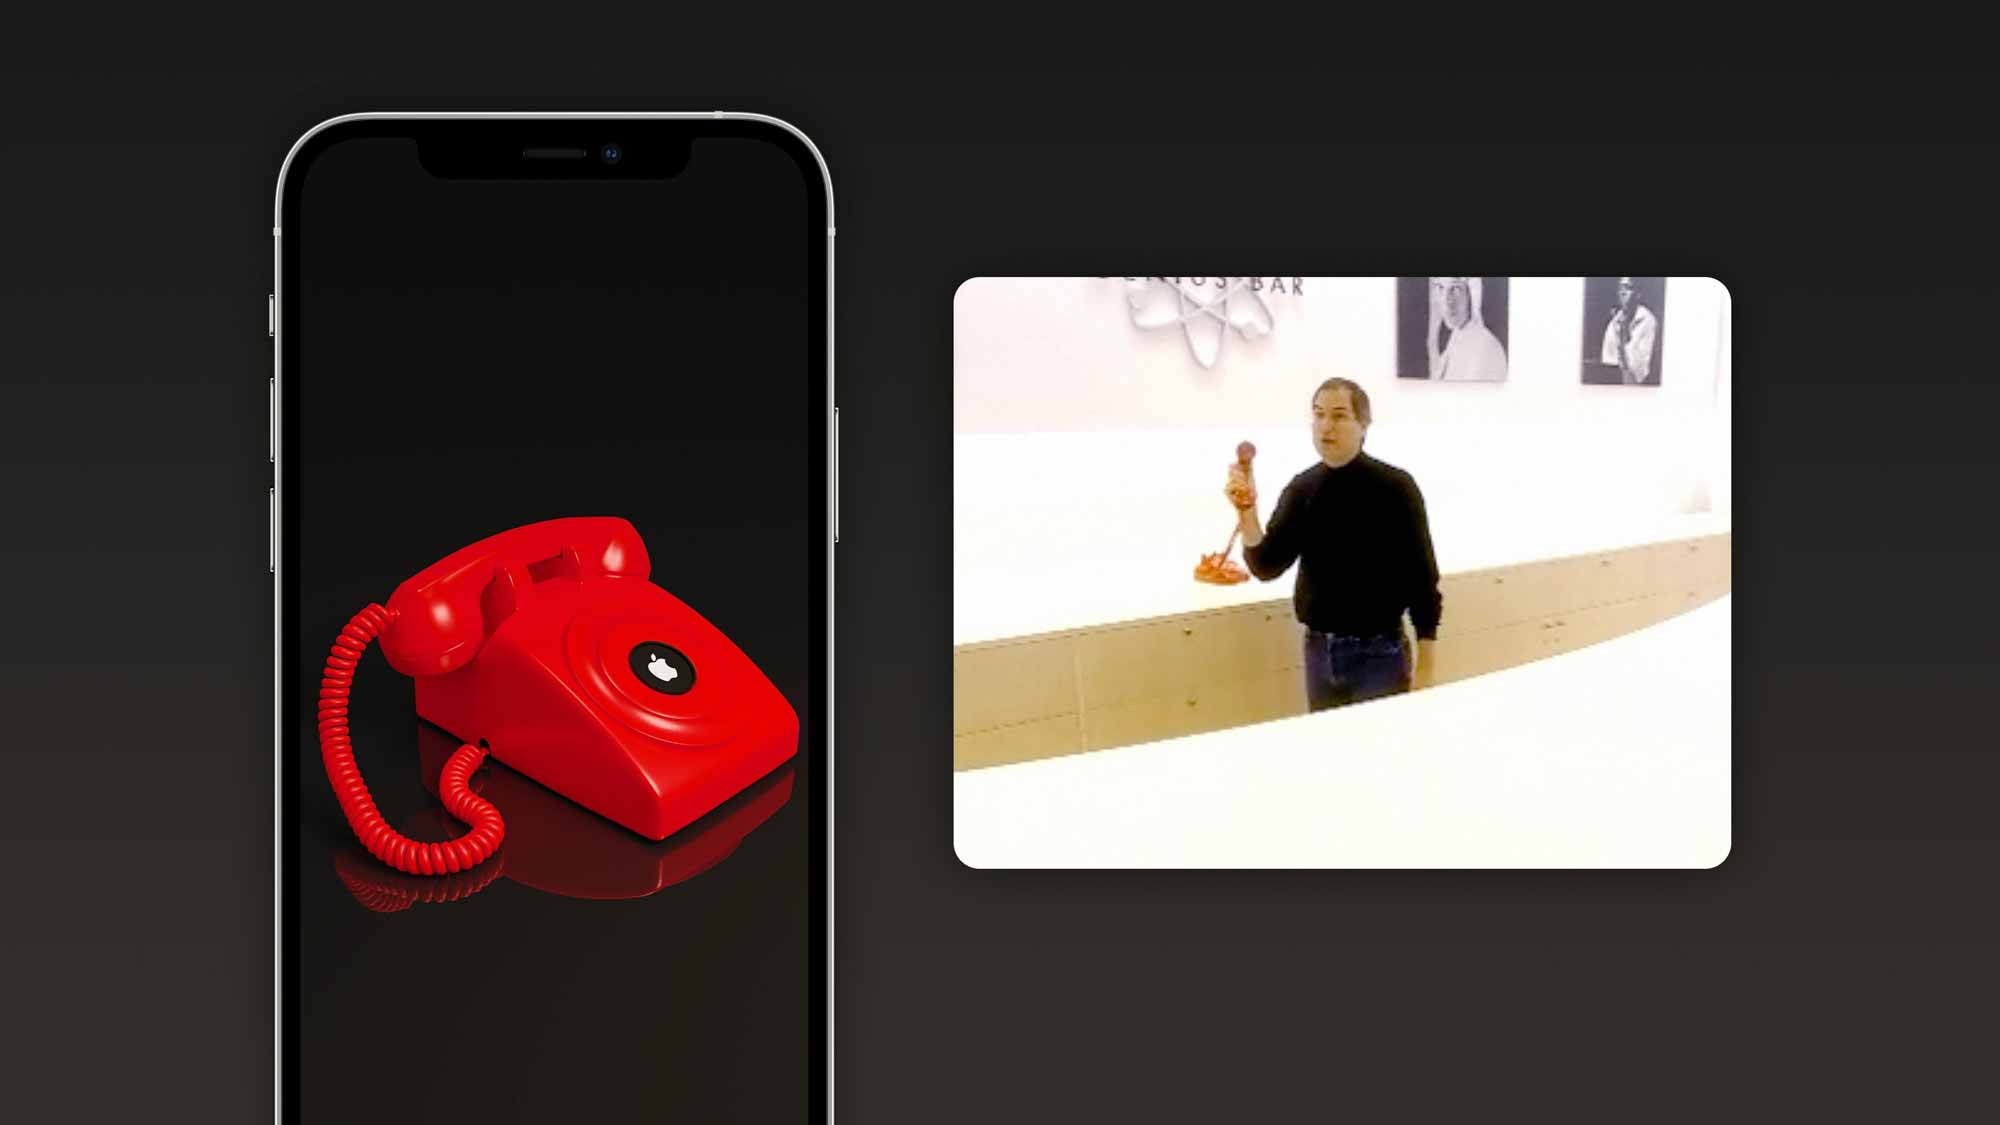 """Стив Джобс показал красный дисковый телефон, предлагающий """"горячая линия"""" в Купертино в первый в мире магазин Apple Store."""